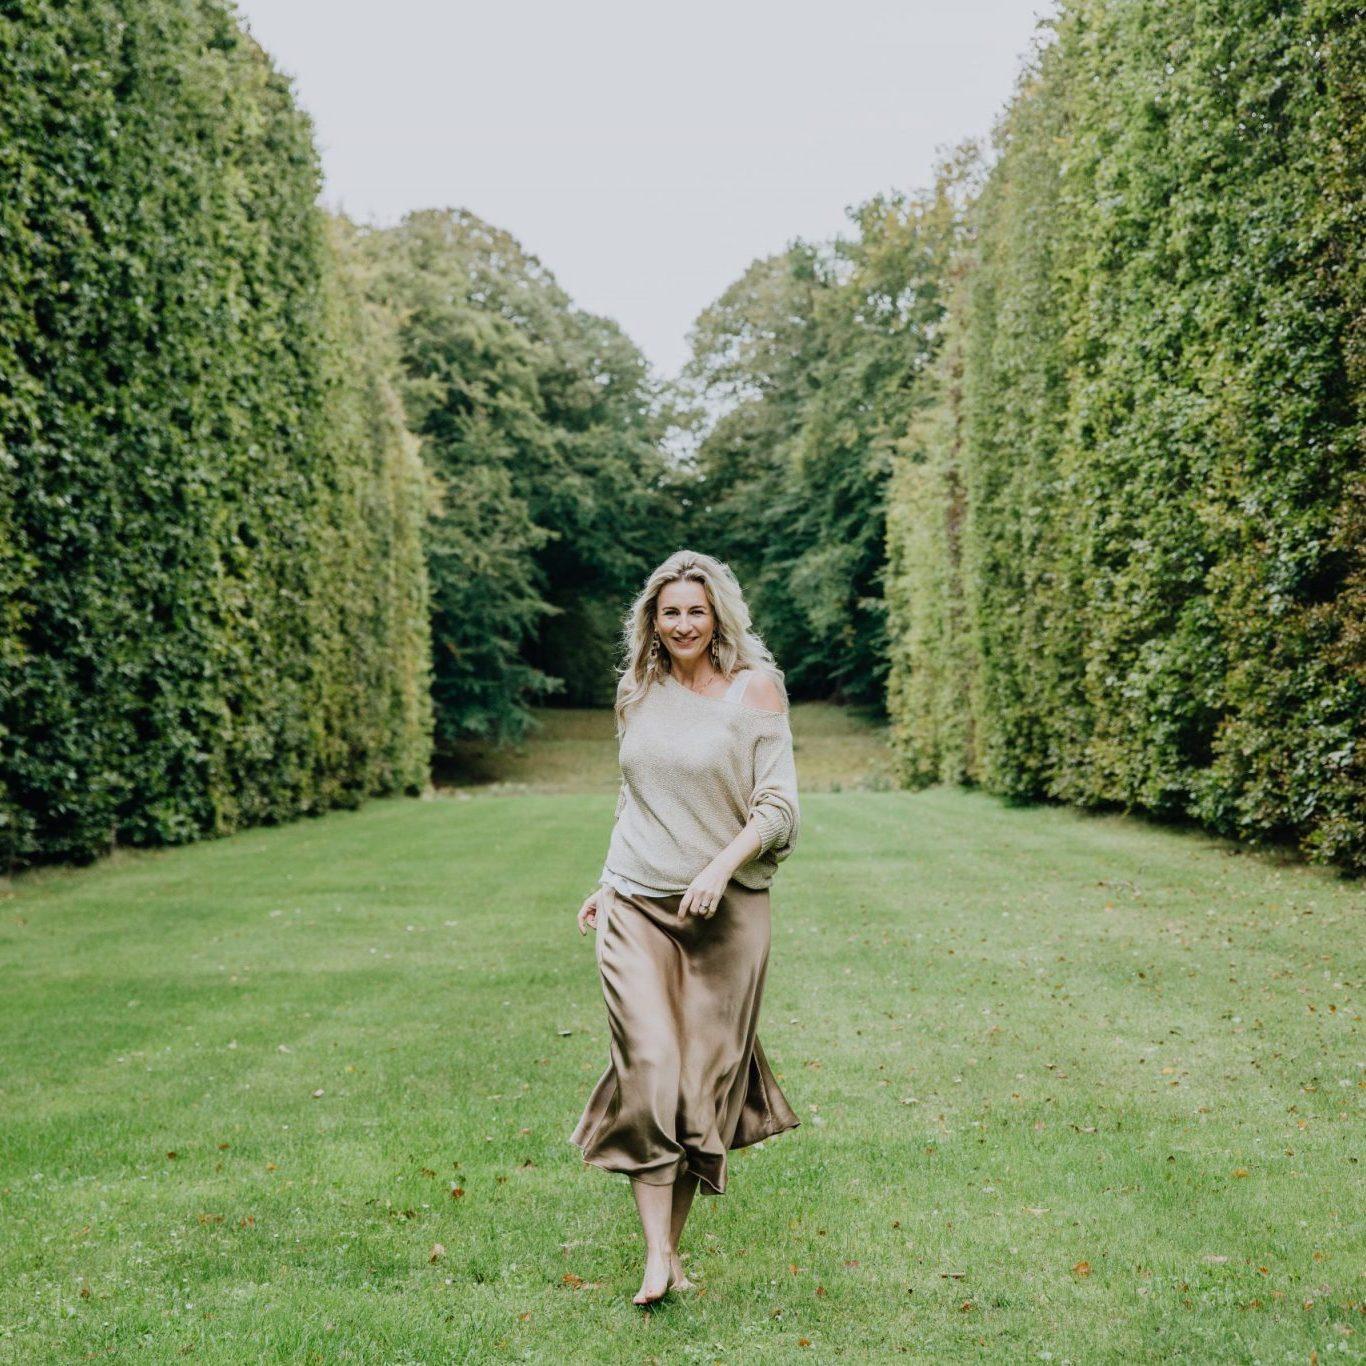 MoniqueEijbergen-2019-KimdeVriesFotografie-57